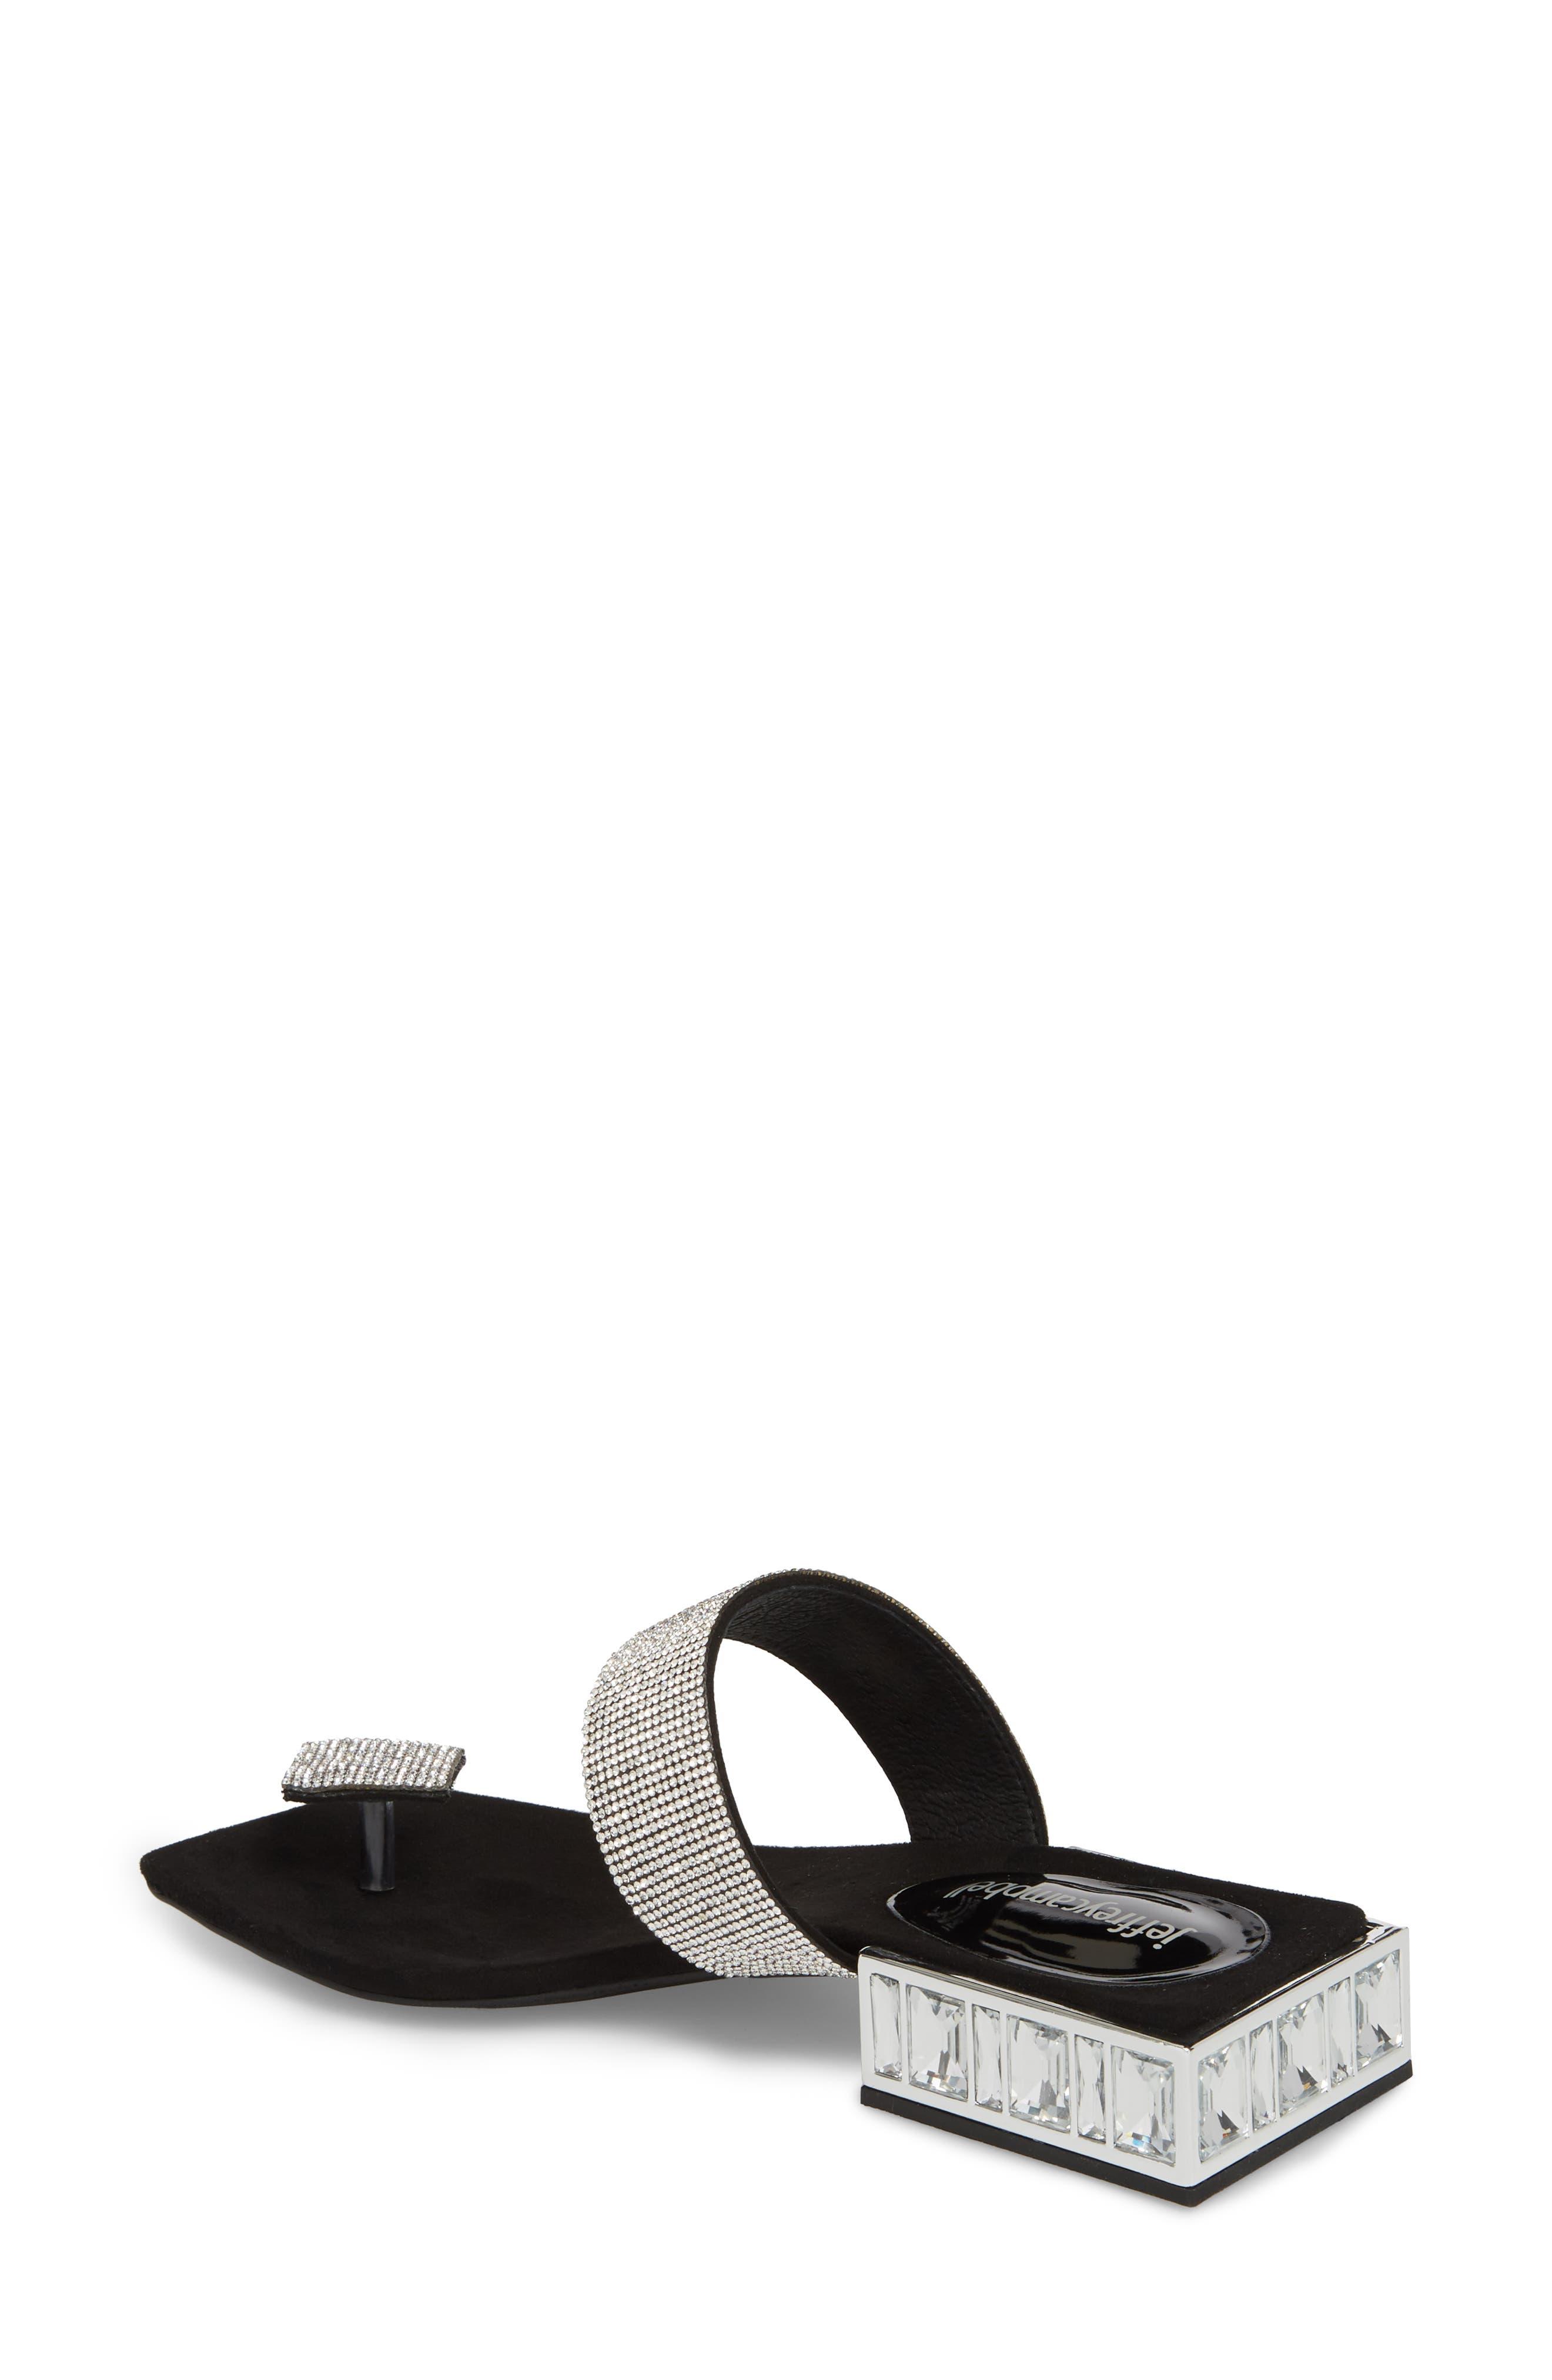 JEFFREY CAMPBELL, Alise Embellished Sandal, Alternate thumbnail 2, color, BLACK SUEDE/ SILVER